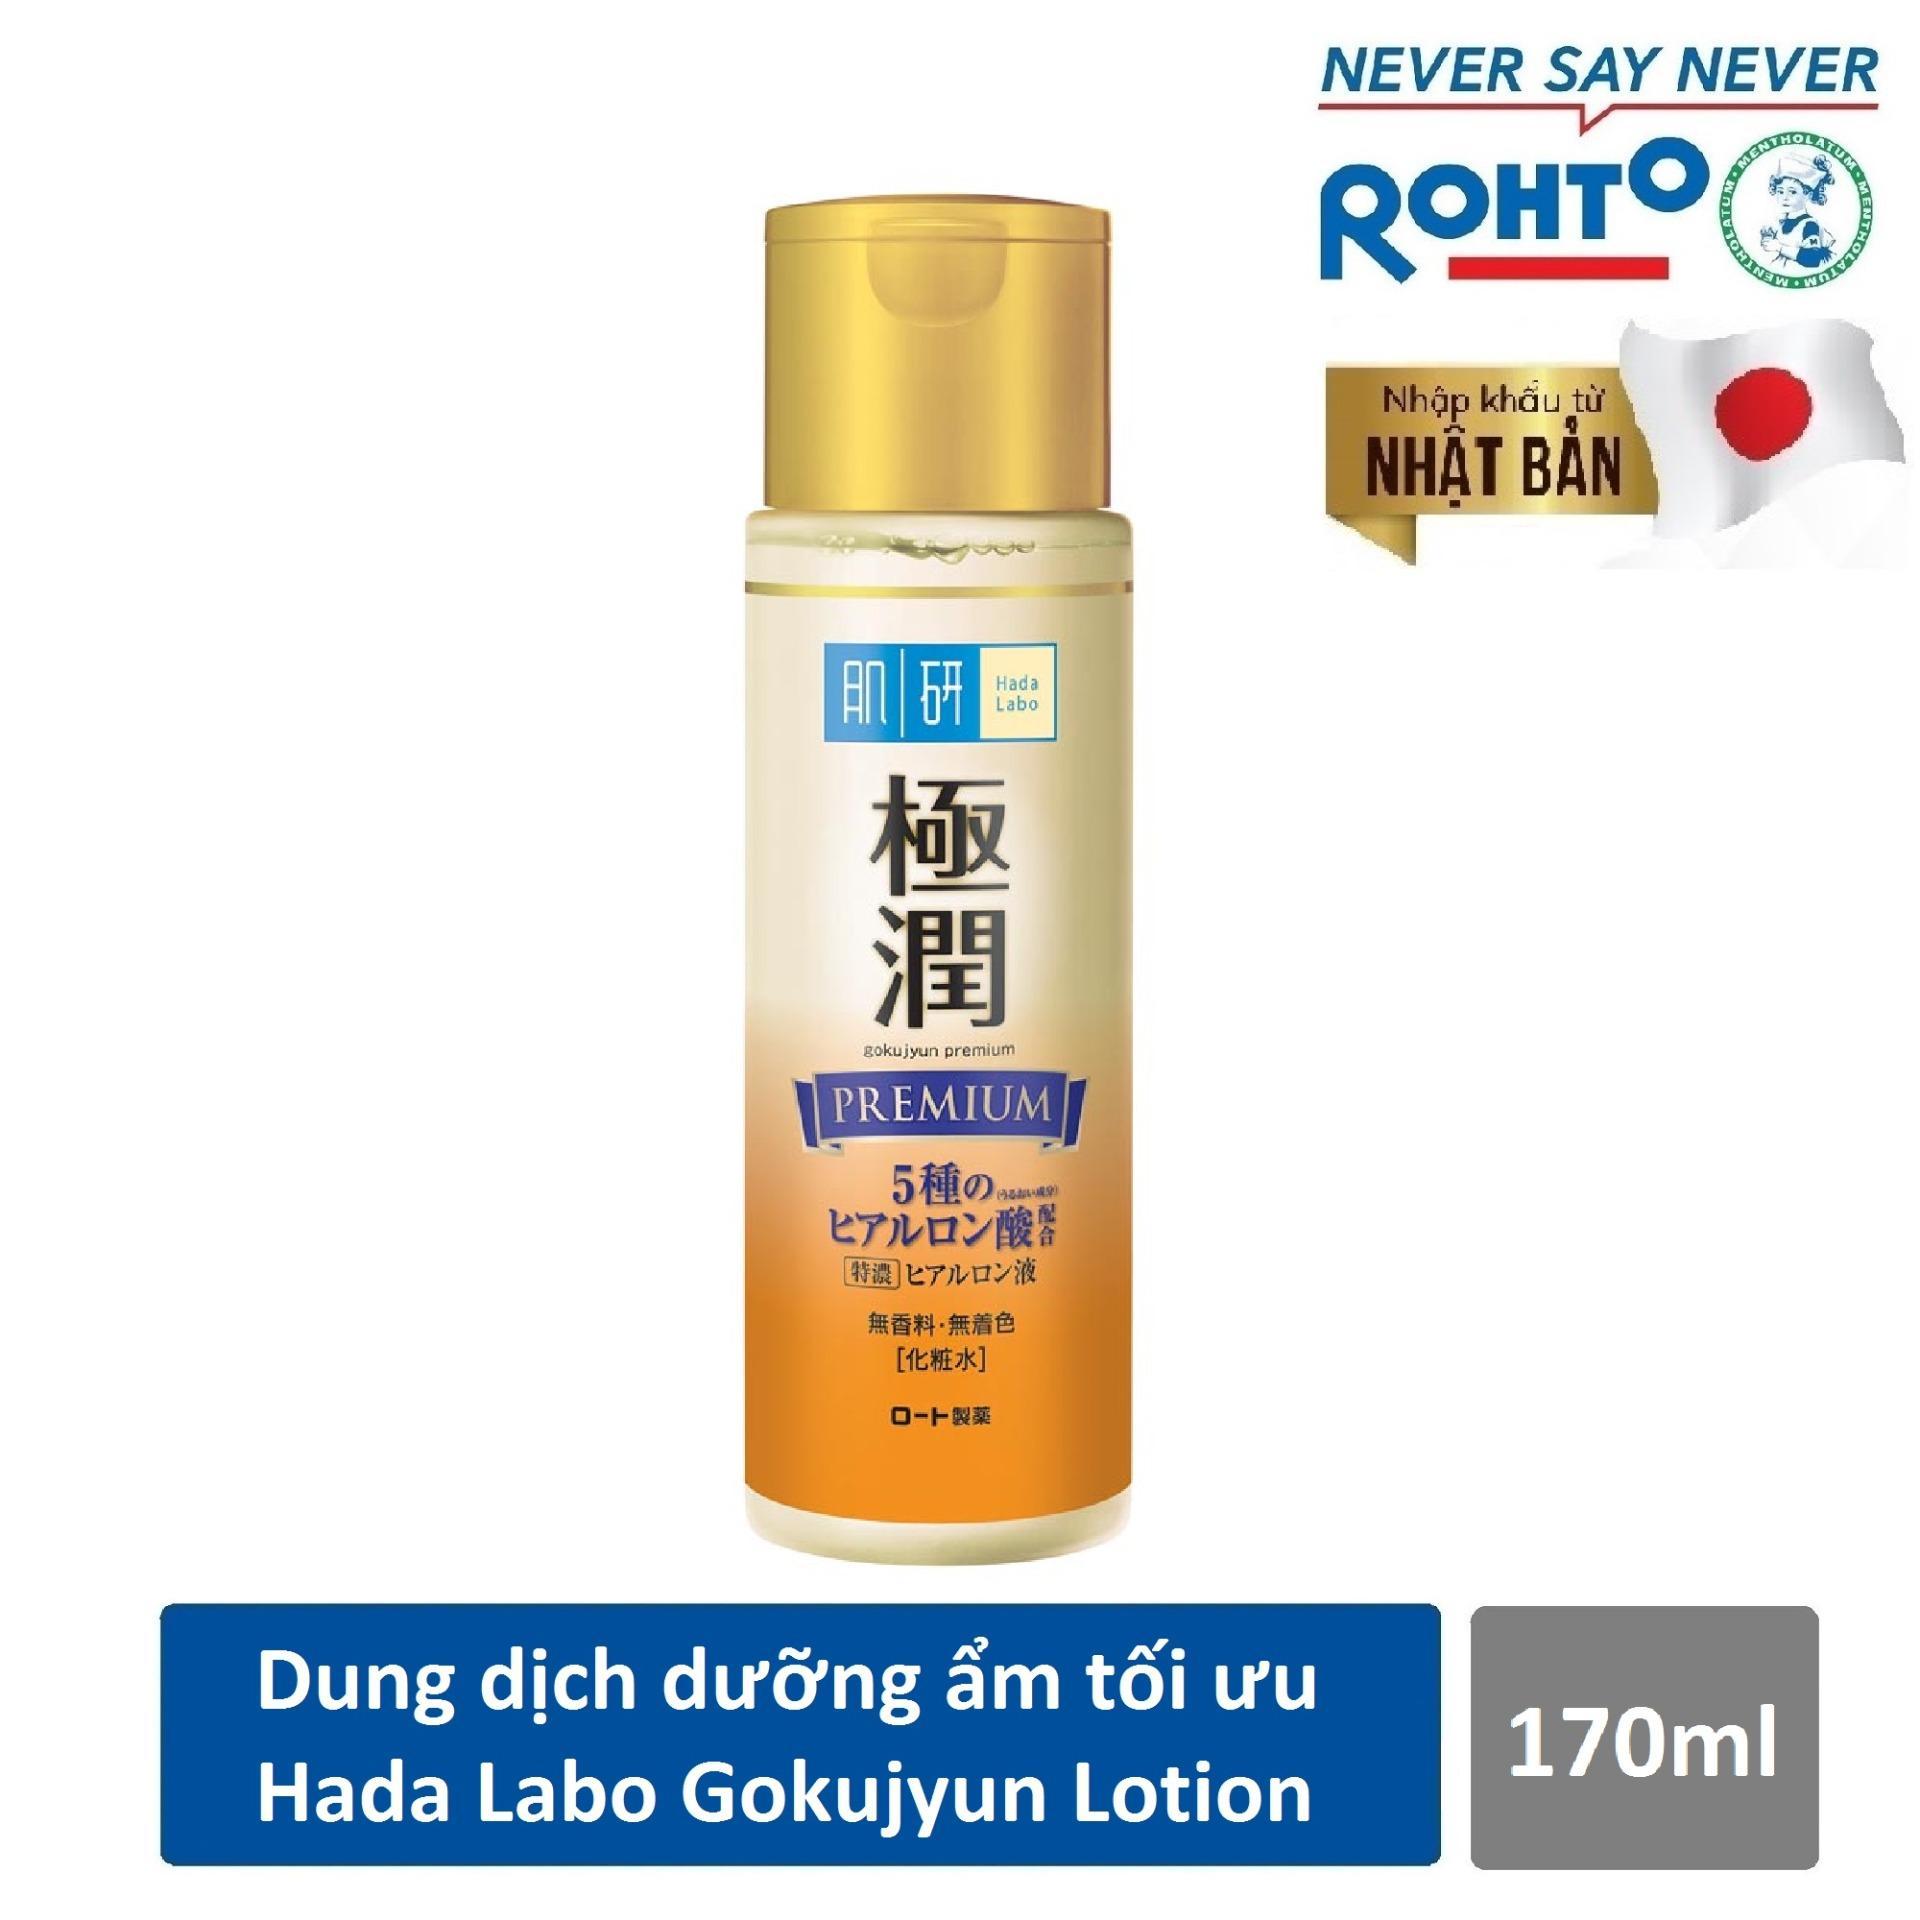 Dung dịch dưỡng ẩm tối ưu Hada Labo Gokujyun Premium Lotion 170ml ( Nhập khẩu từ Nhật Bản)